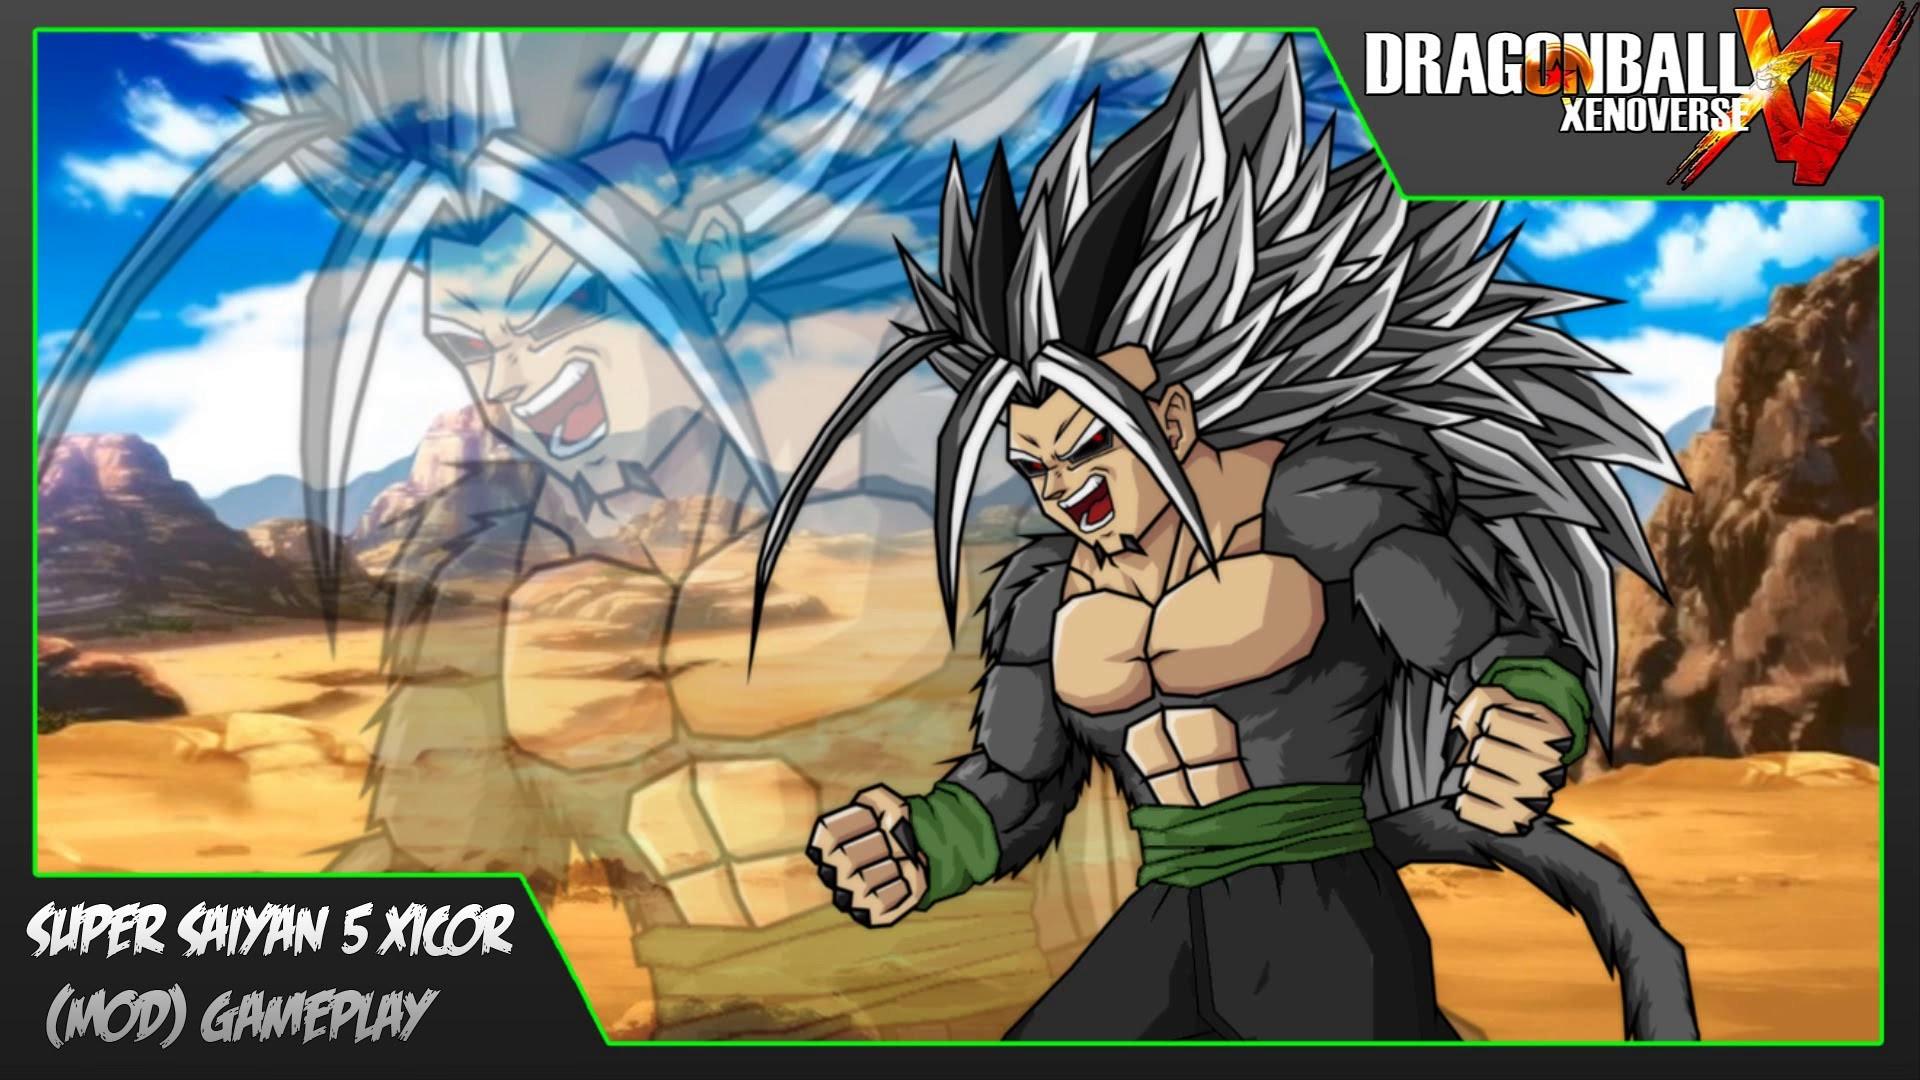 Dragon Ball Xenoverse   Super Saiyan 5 Xicor (MOD) Gameplay